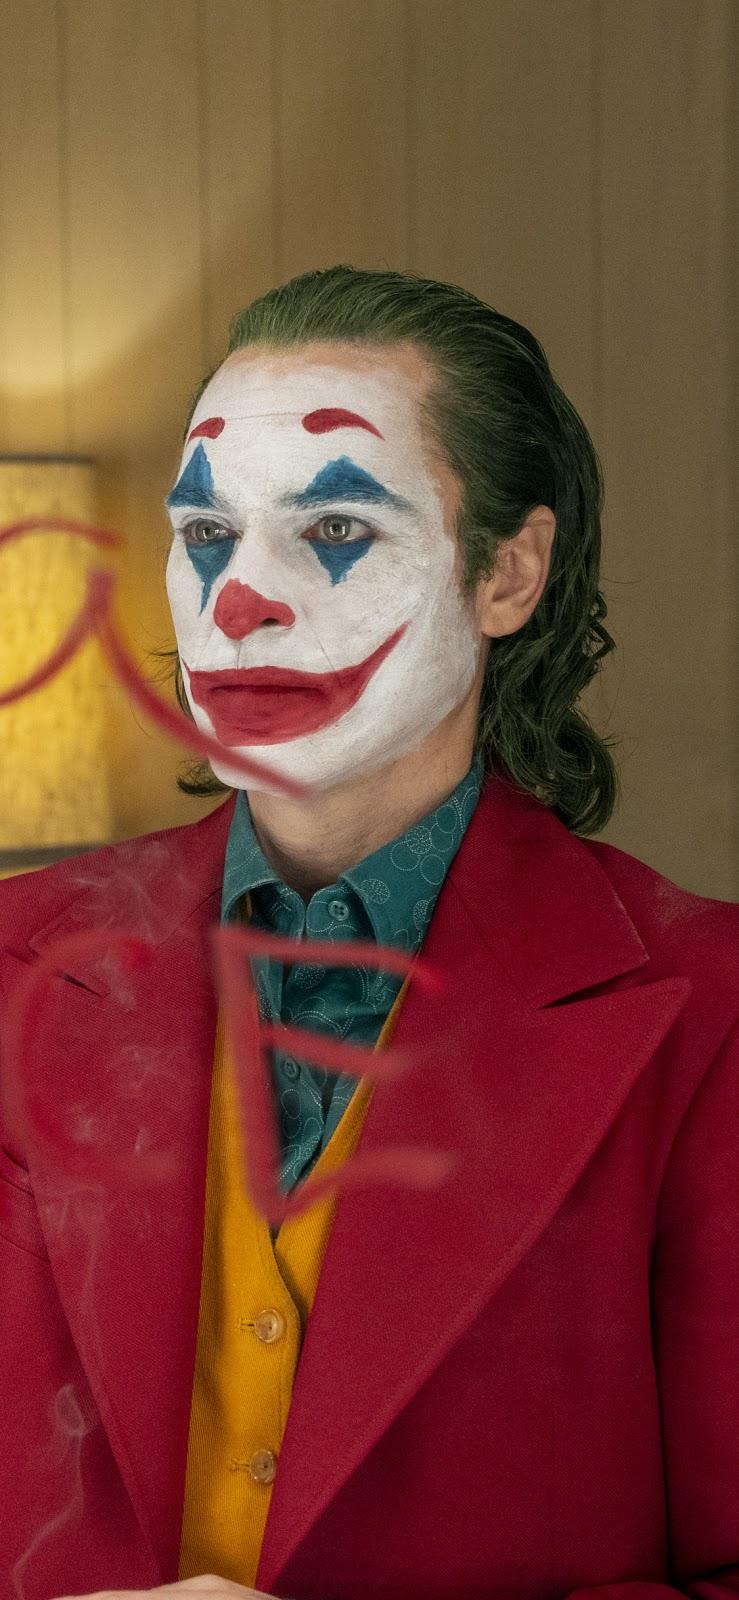 Joaquin Phoenix Joker Wallpaper Iphone Xs